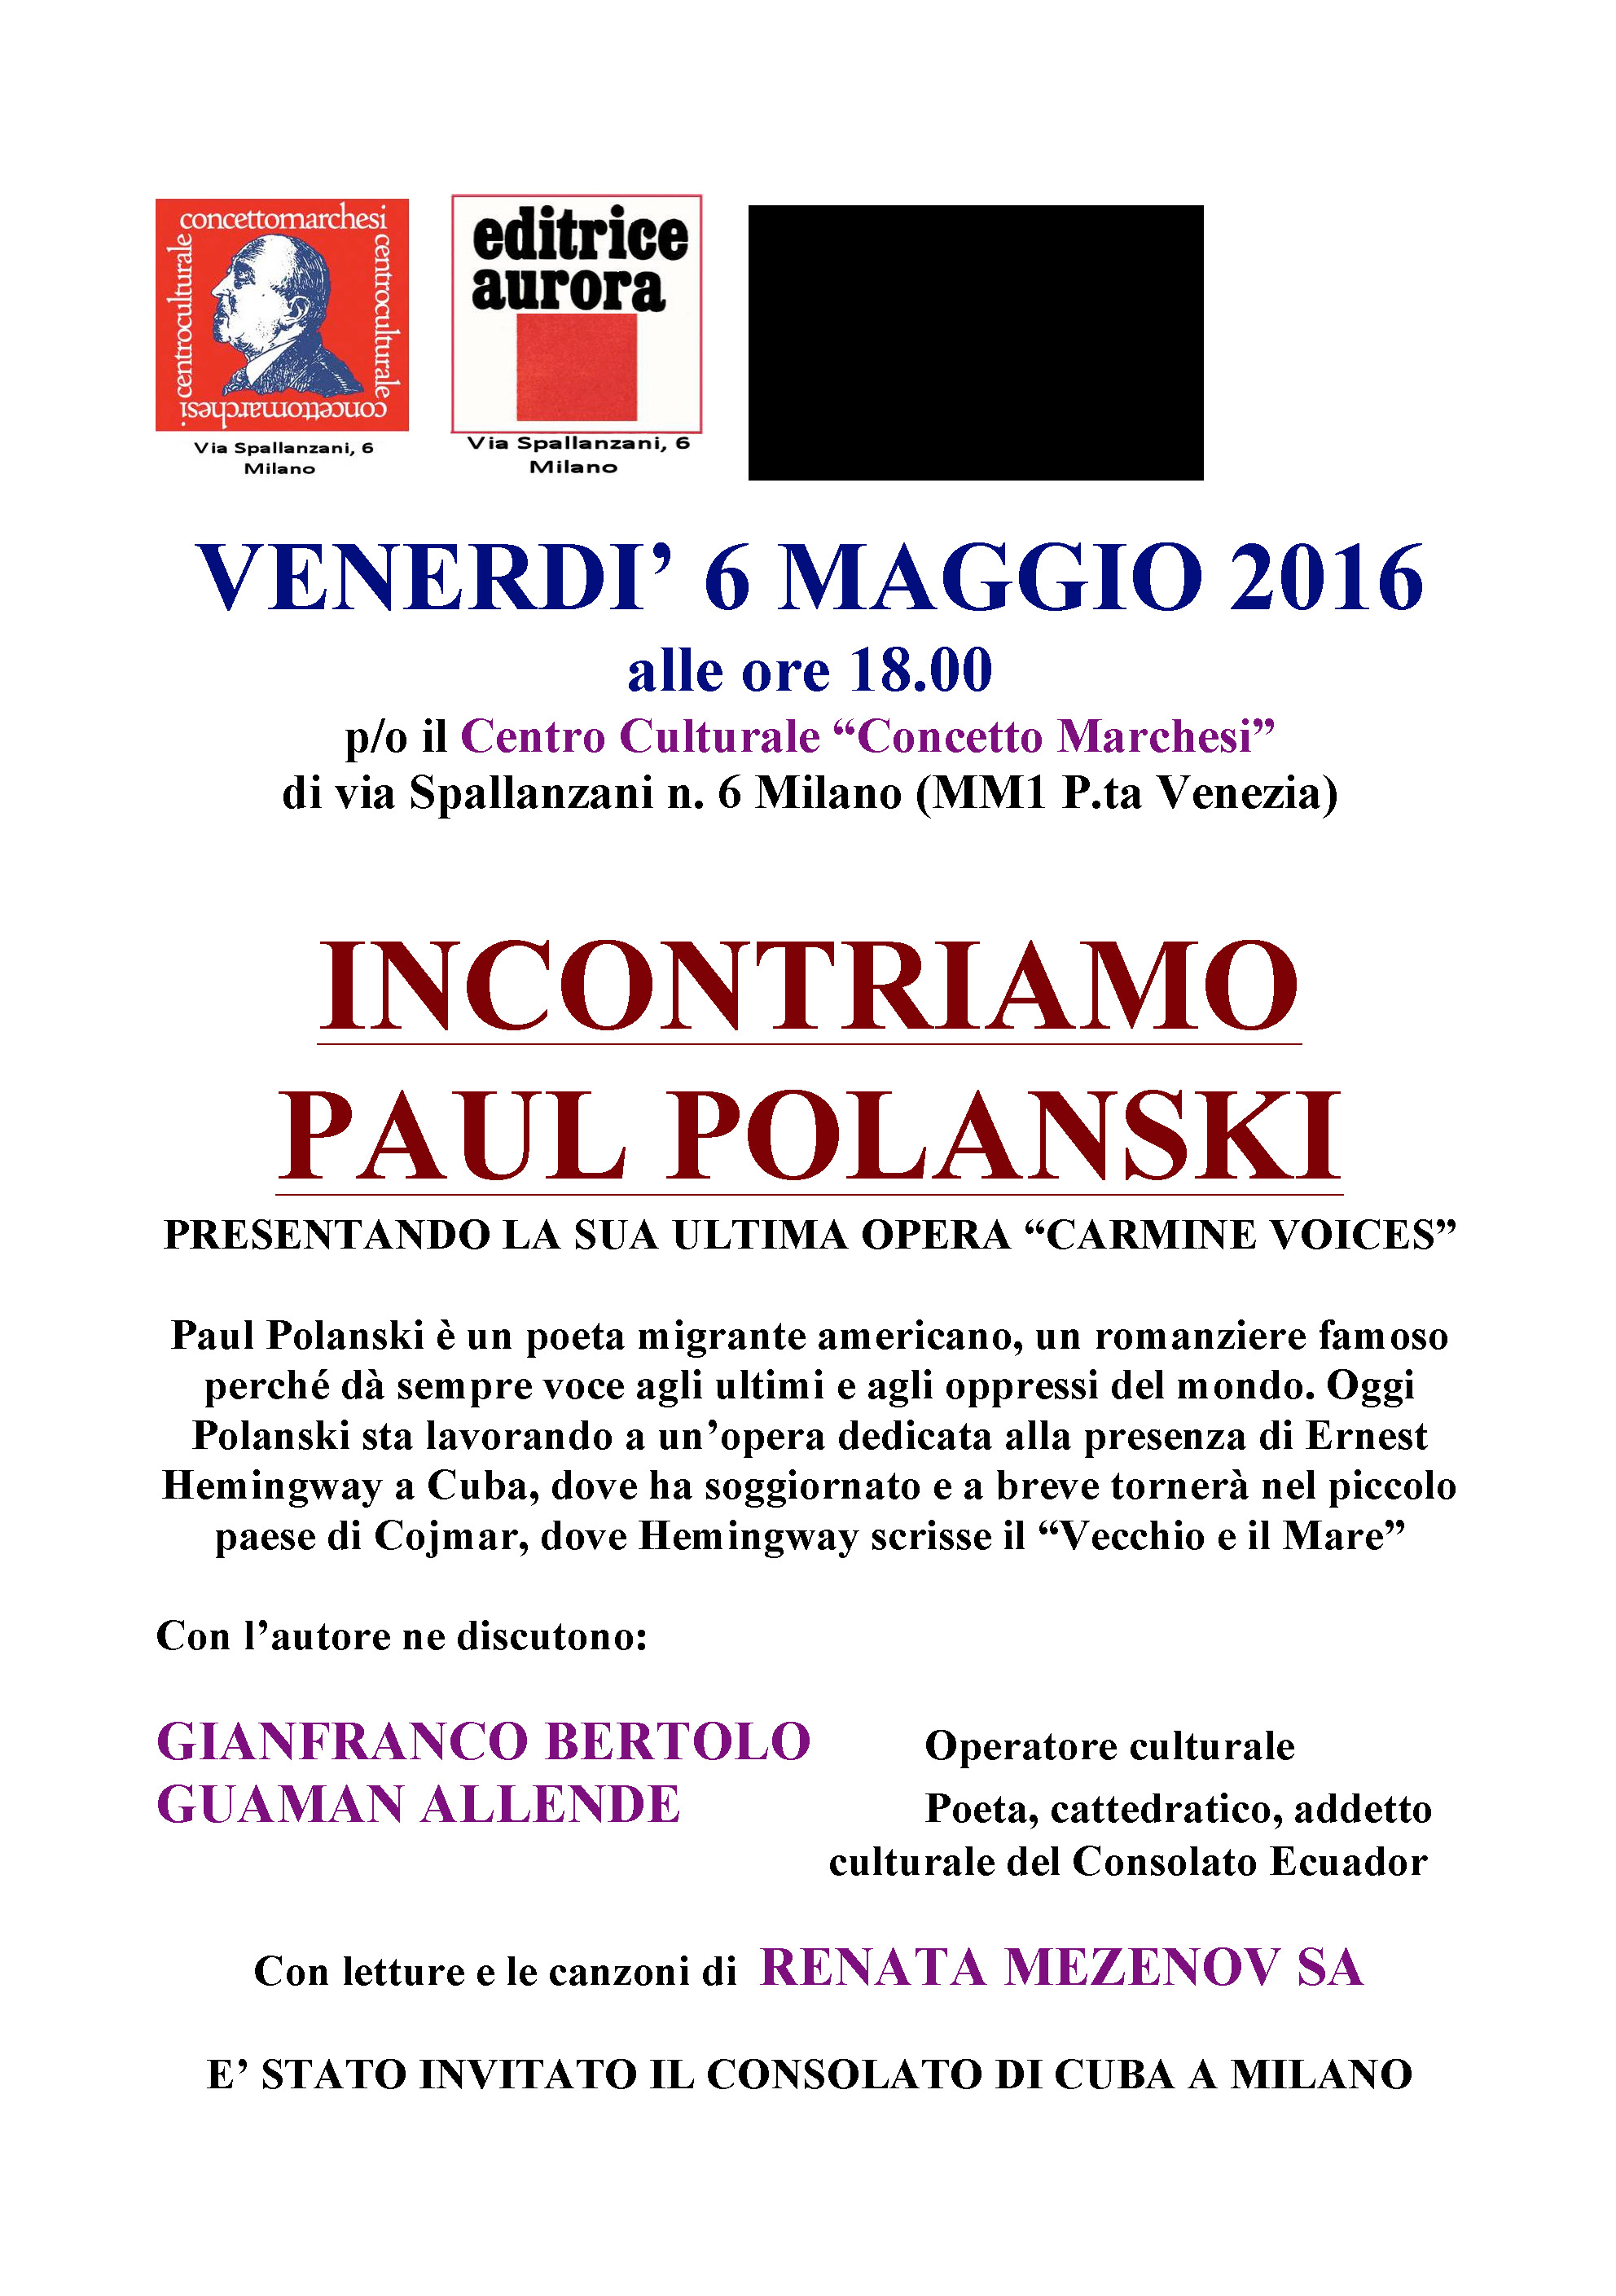 PAUL POLANSKI